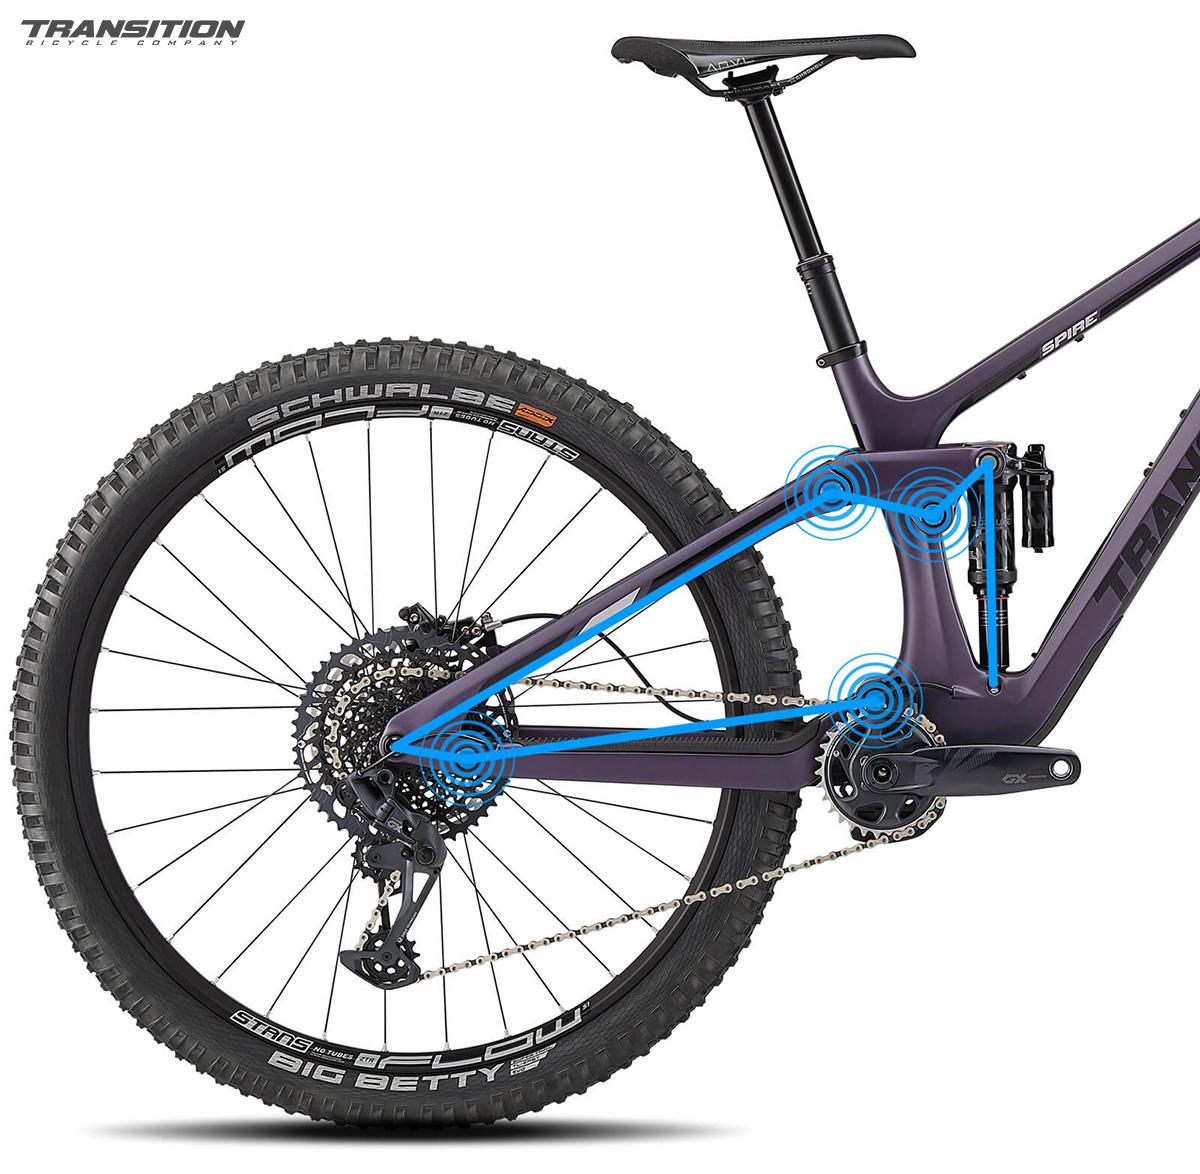 Dettaglio dell'ammortizzatore posteriore della nuova mountainbike Transition Spire 2021